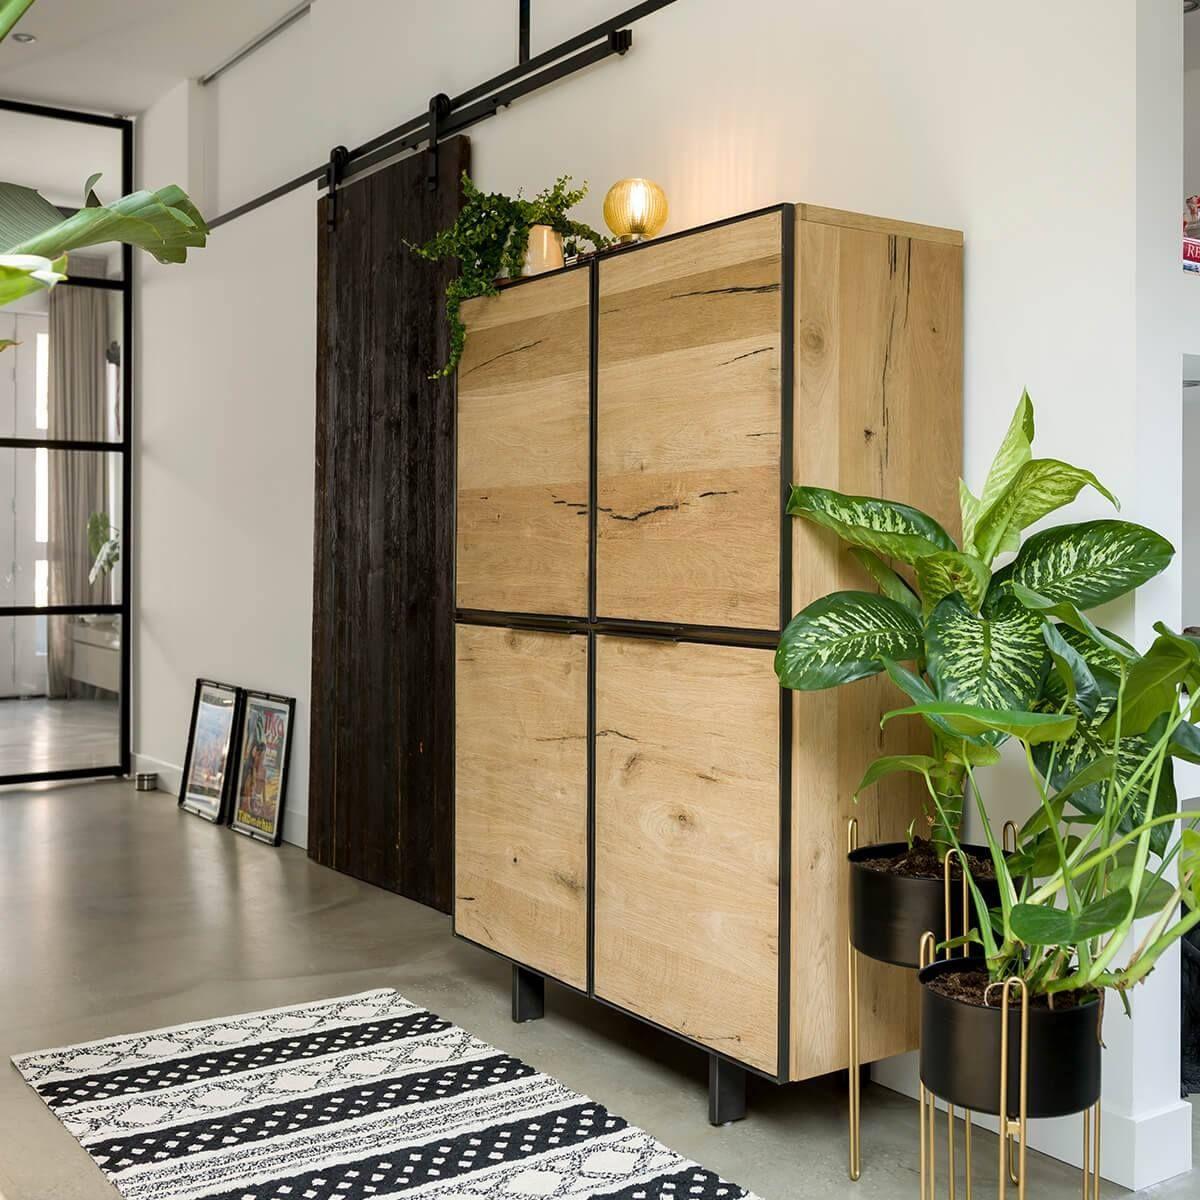 Creez Un Interieur Chaleureux Familial Et Durable Avec Le Meuble Heth Natural Living Room Home Decor Furniture